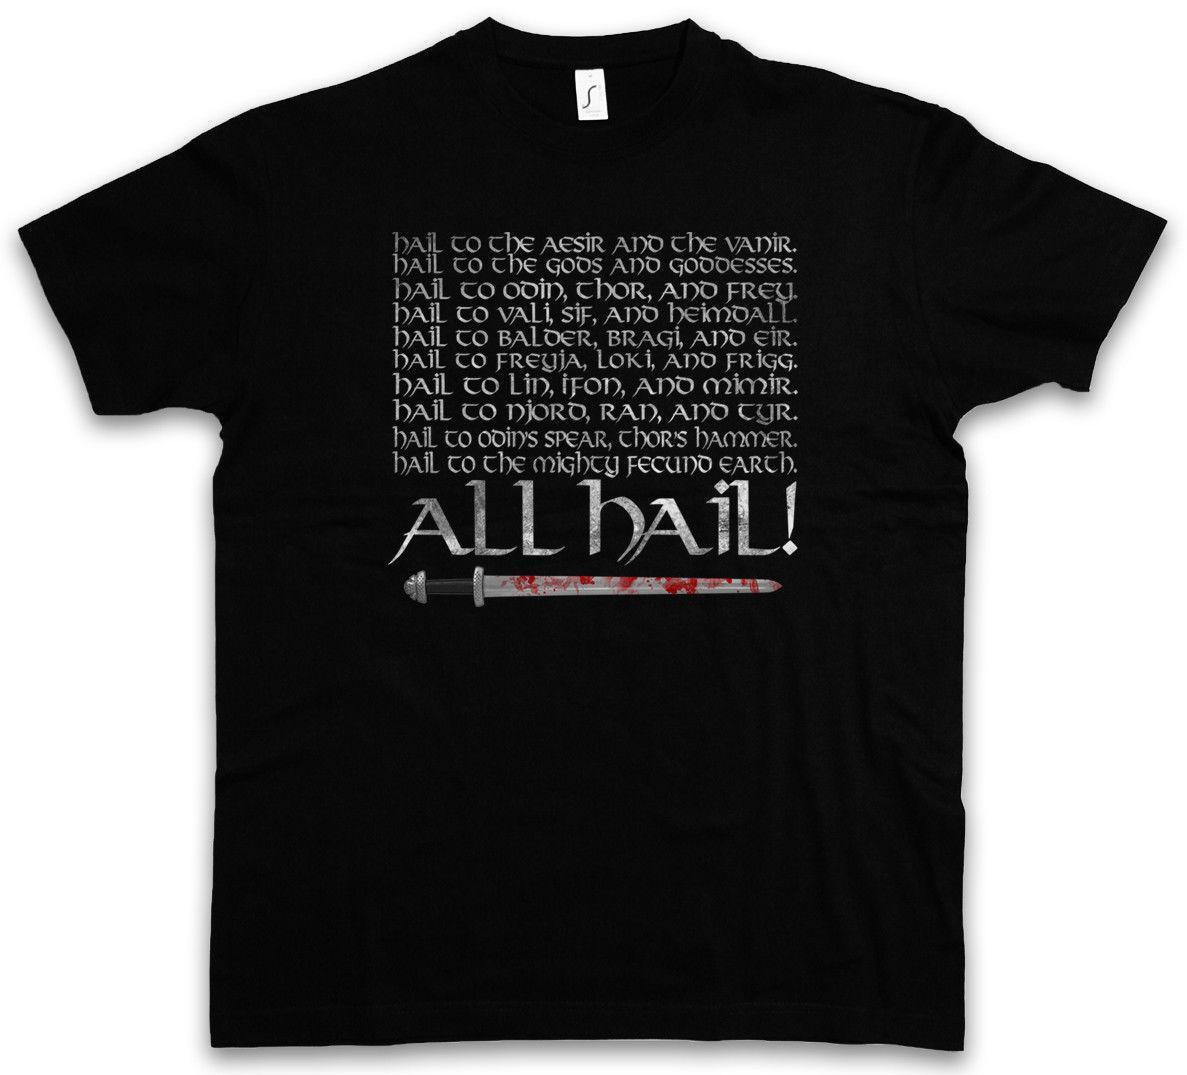 TÜM HAIL! T-shirt - Odin Thor Loki Walhalla Valhalla Ragnar Tyr Vikings T Gömlek